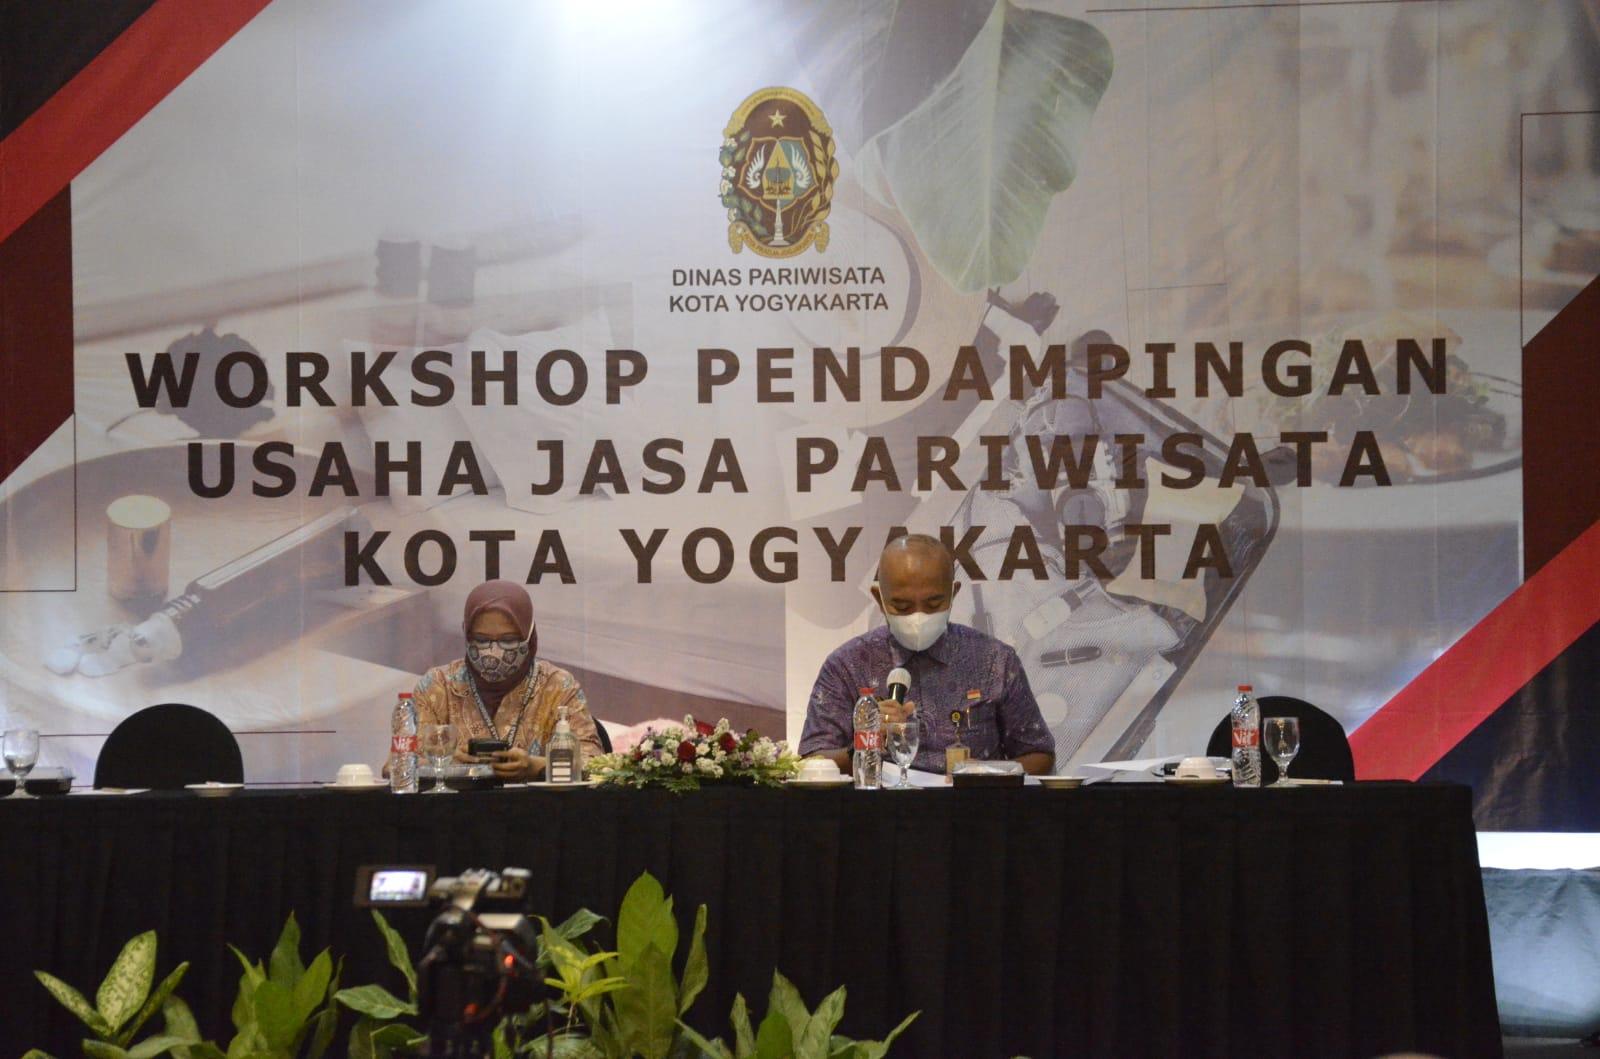 Pemkot Yogya Gelar Workshop Pendampingan Usaha Jasa Pariwisata